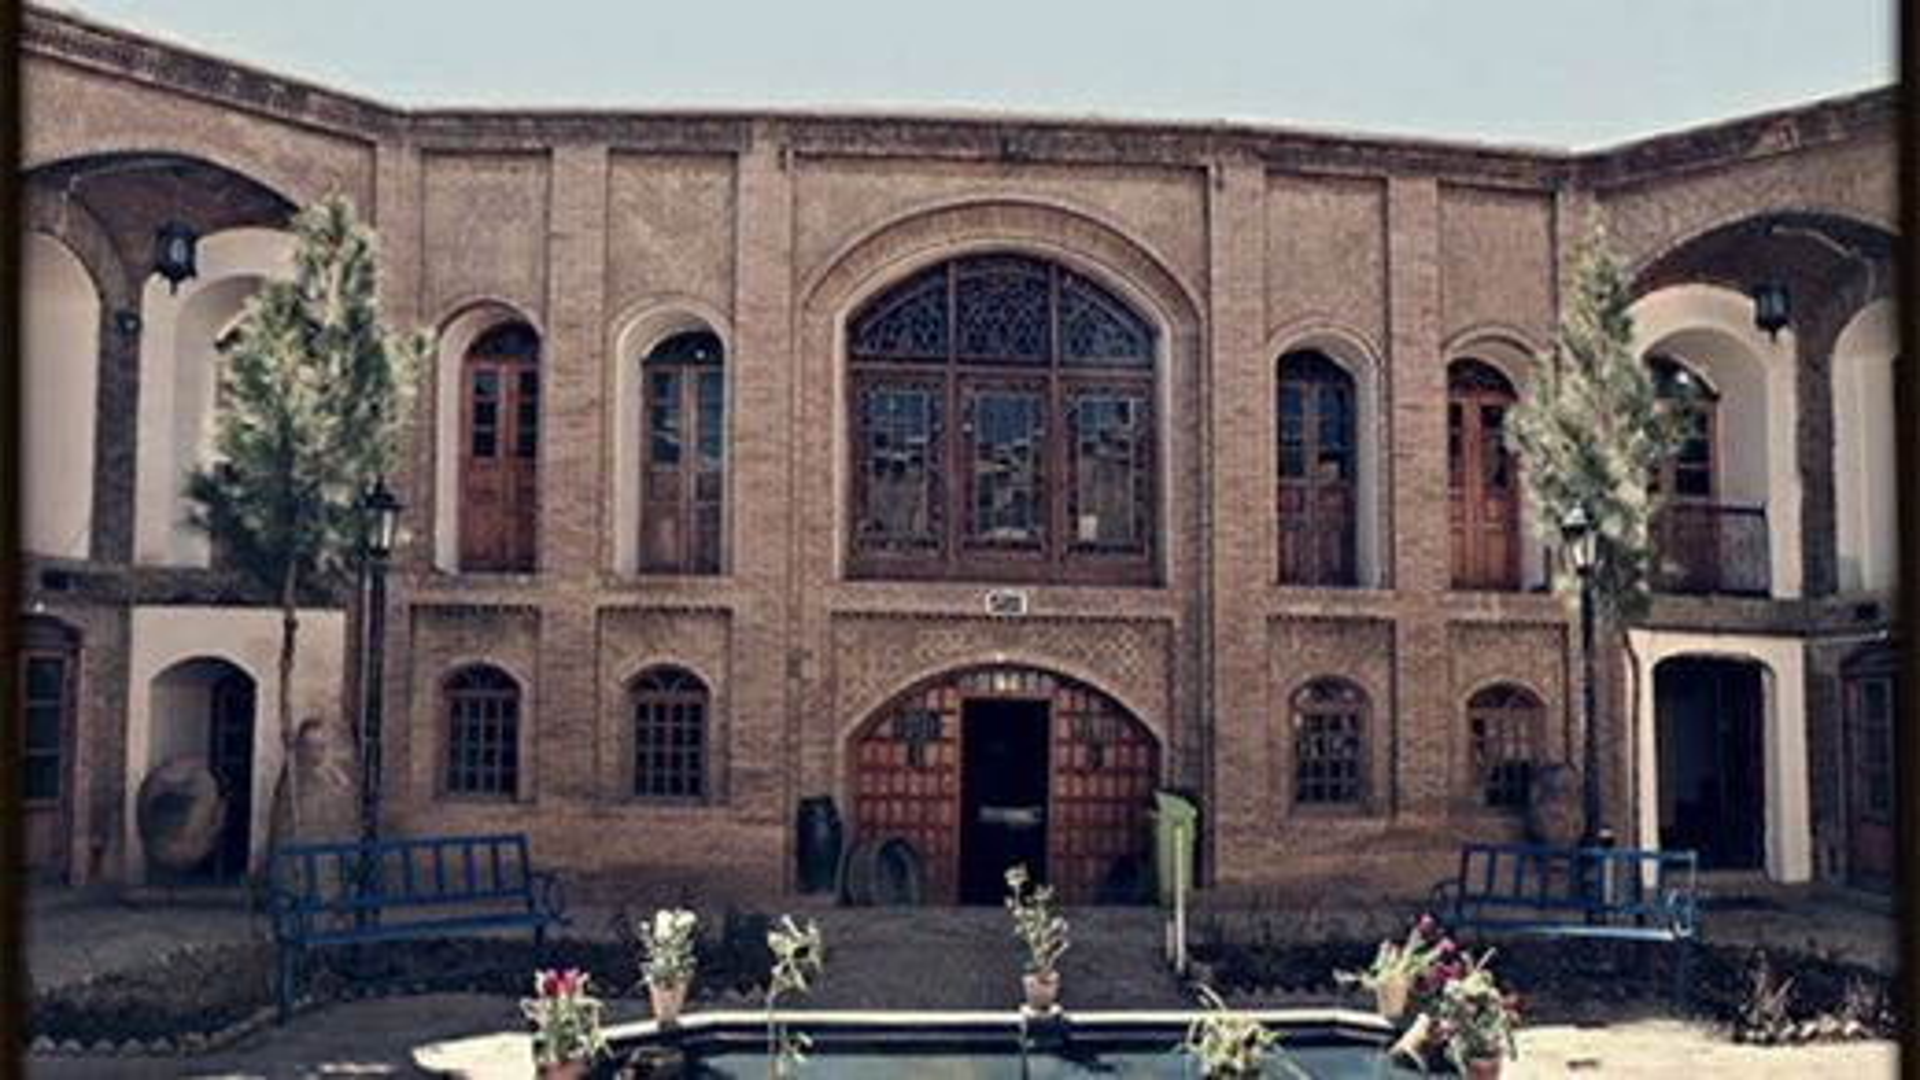 خانه تاریخی لطفعلیان در استان همدان | فیلم